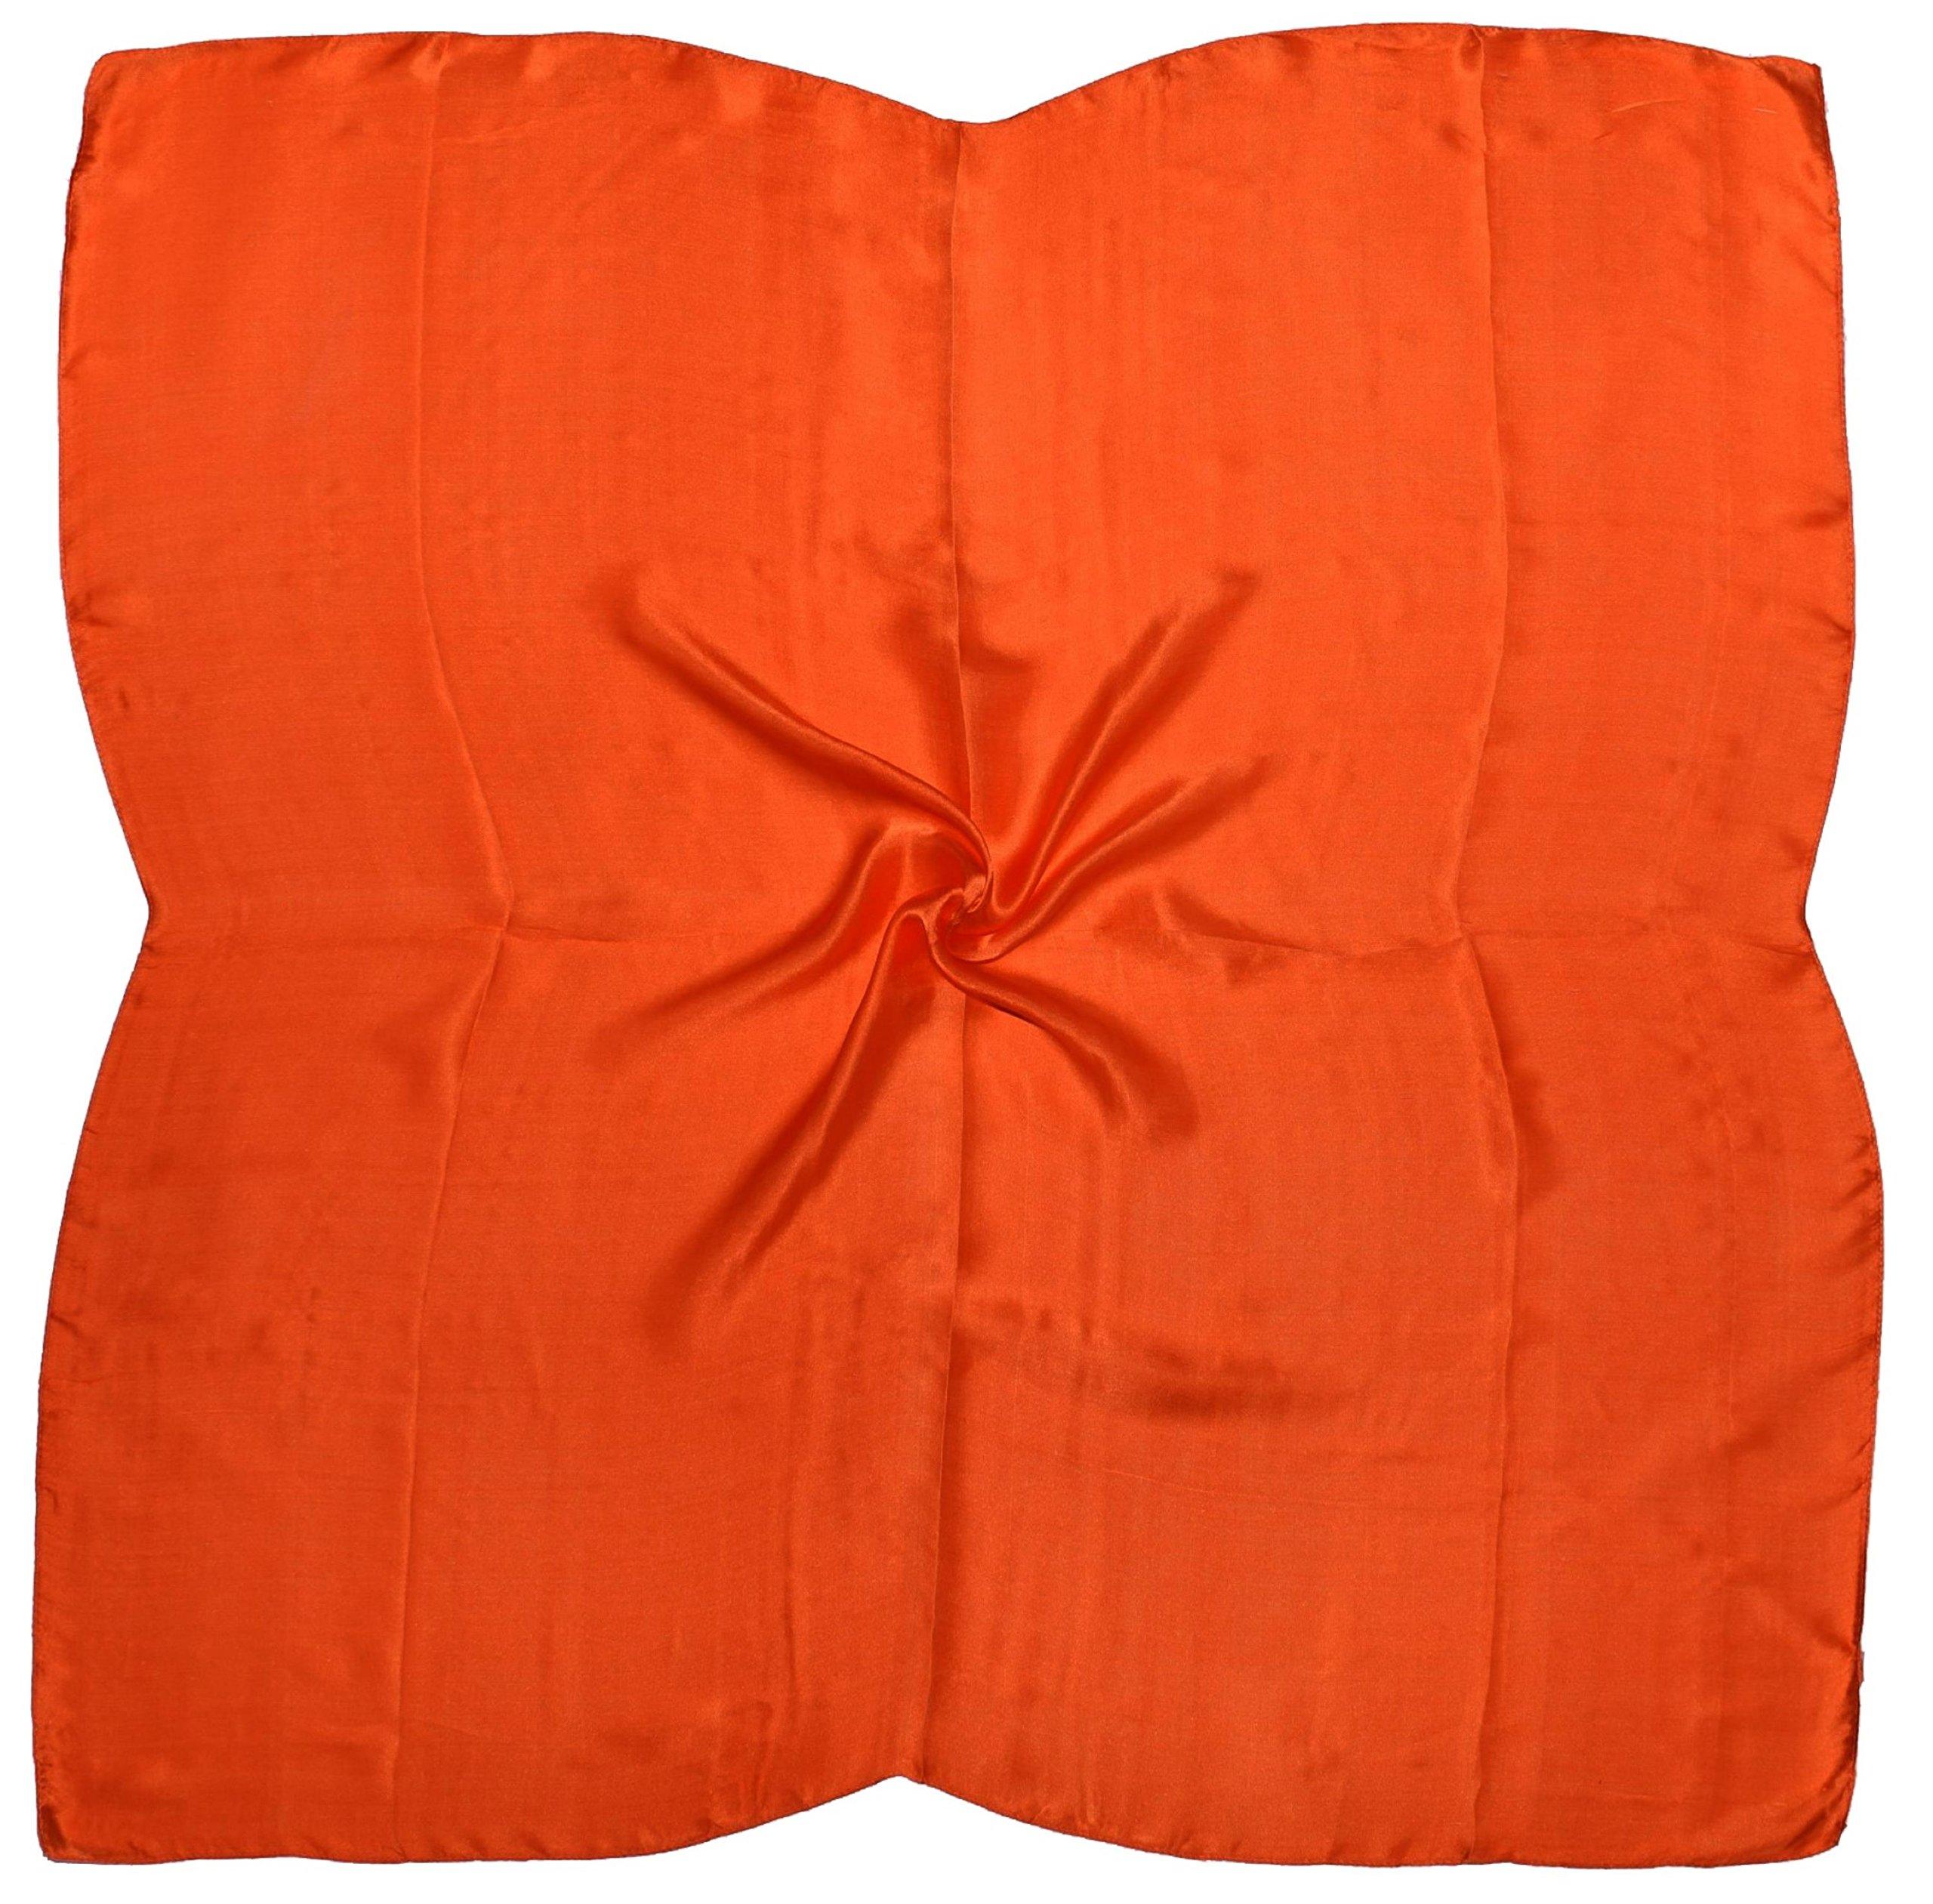 Orange Fine Silk Square Scarf